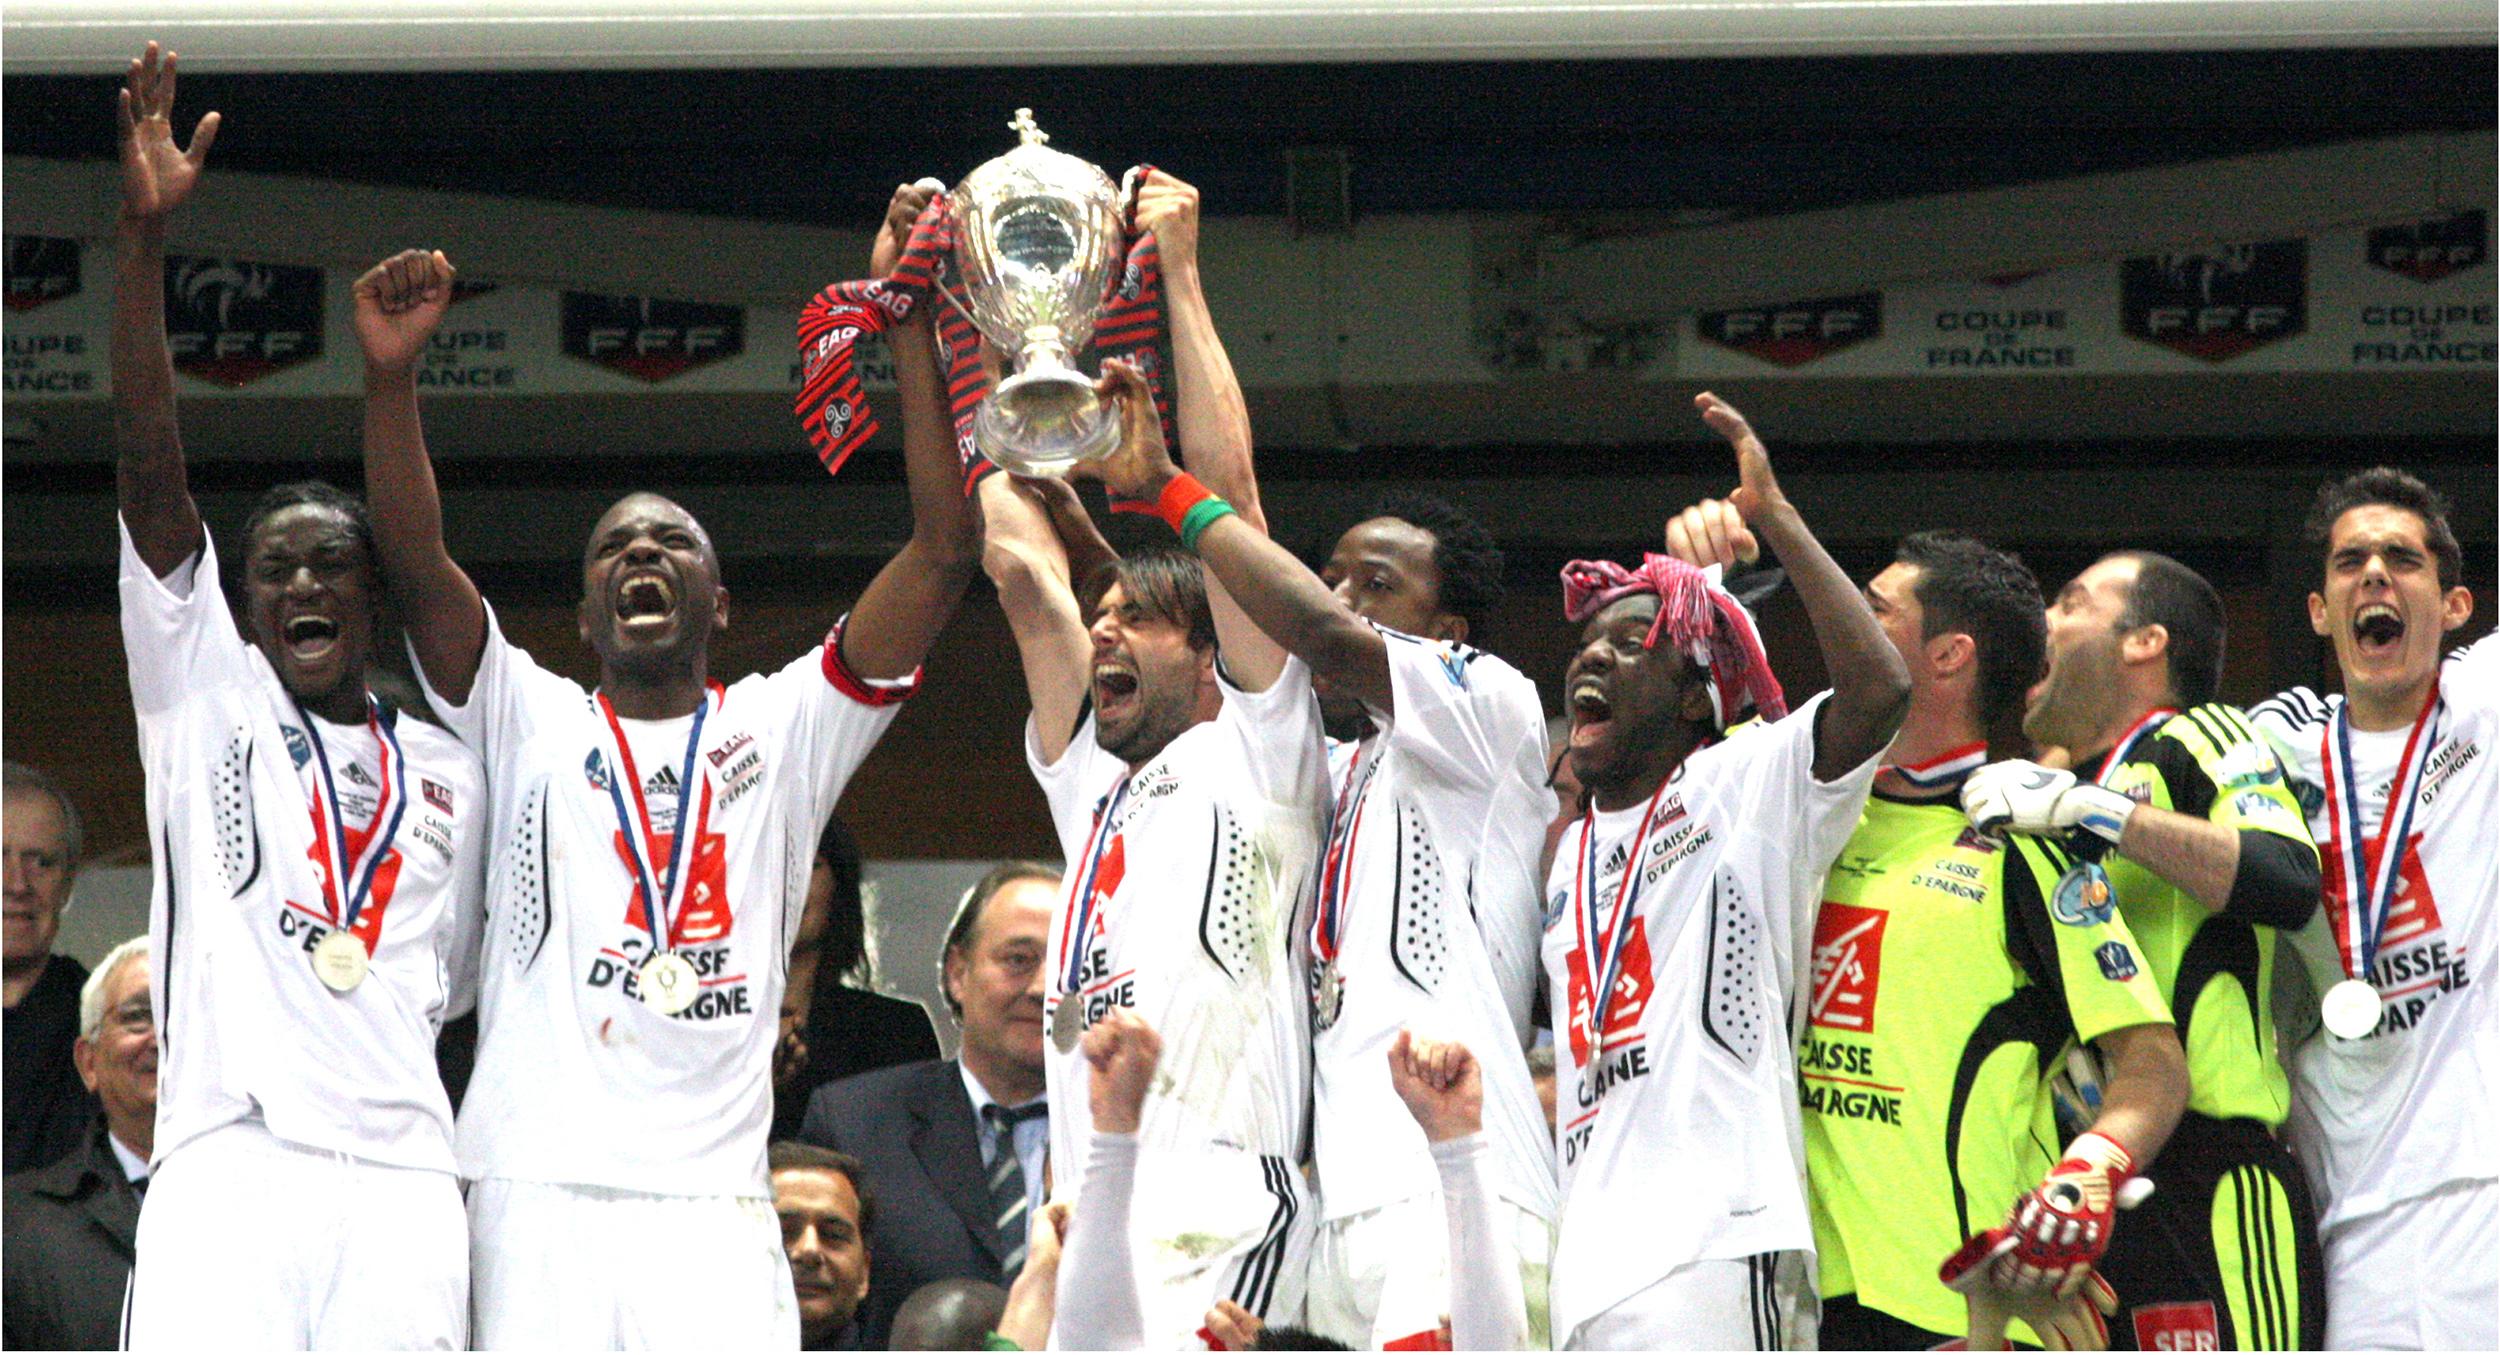 2009 Vainqueur De La Coupe De France En Avant De Guingamp